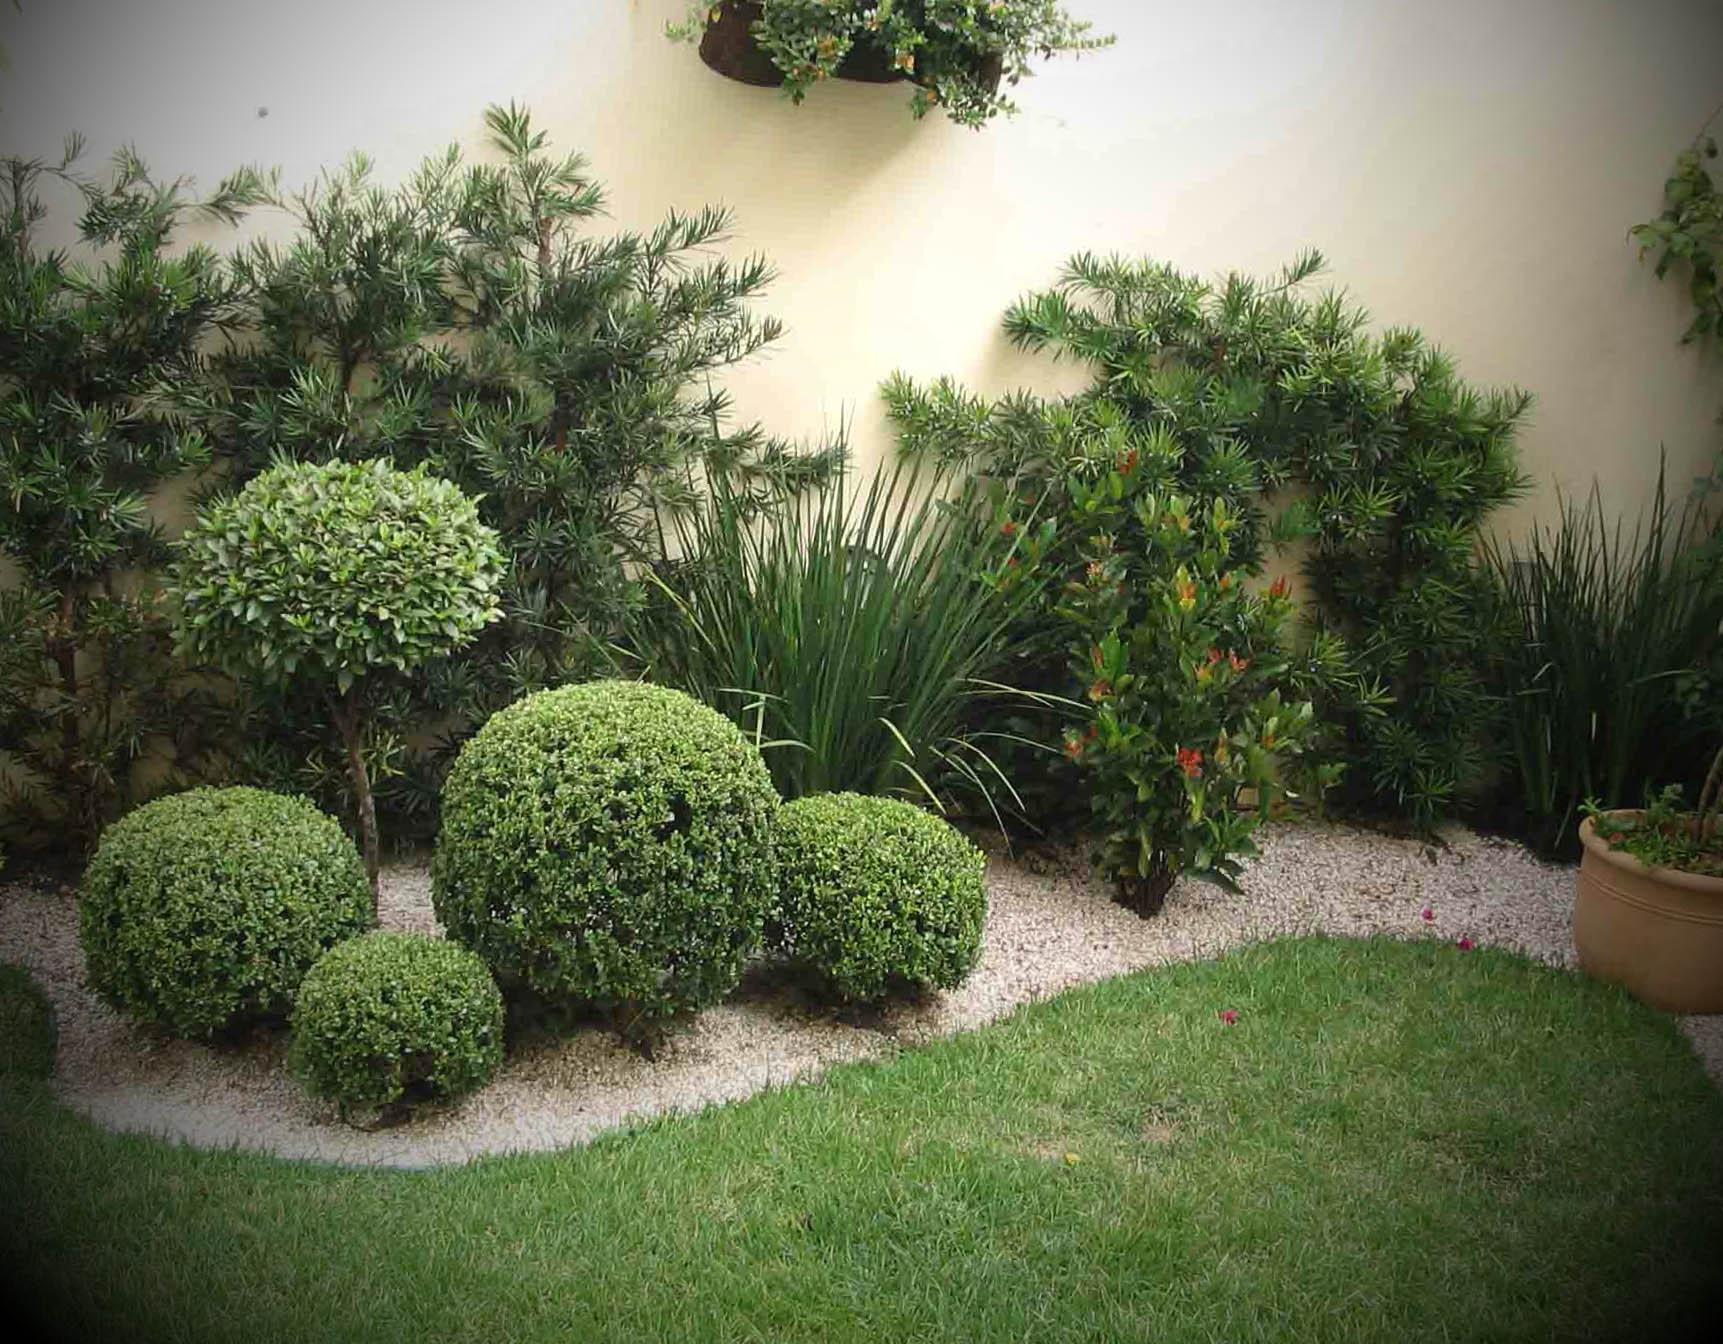 Imagens de Jardins Decorados